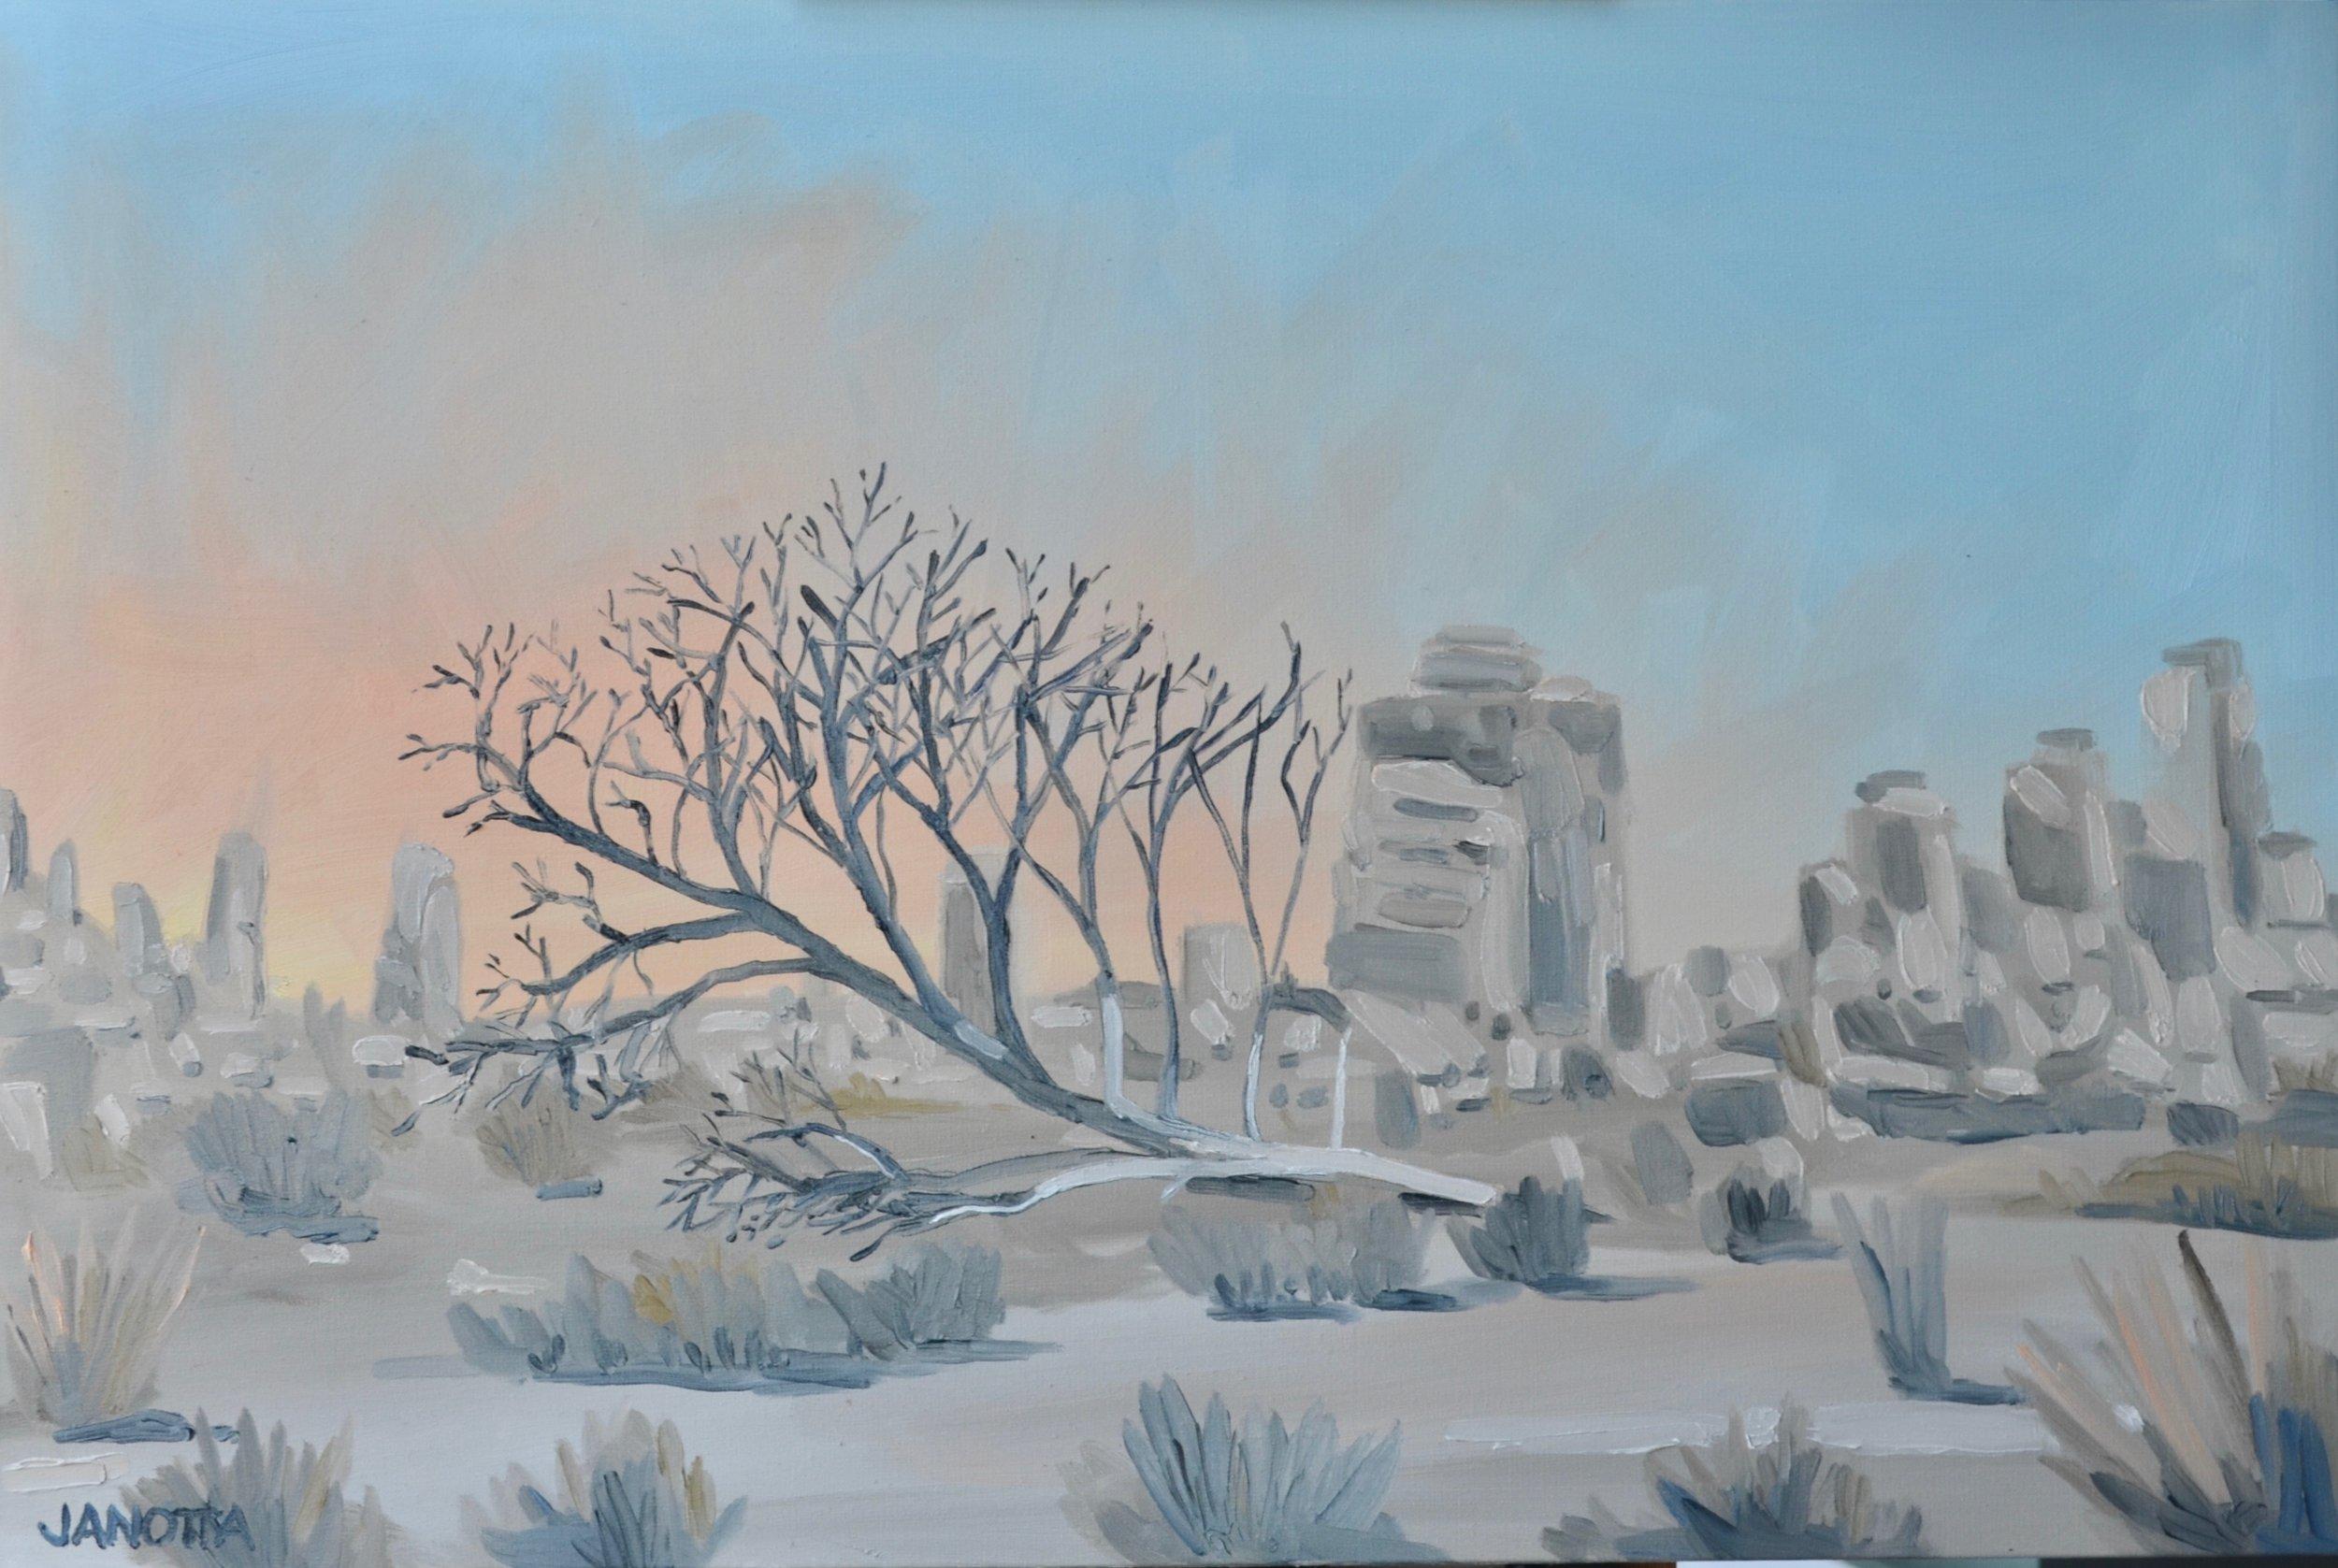 Joshua Tree Fallen Tree 20x36 oil on canvas.jpeg